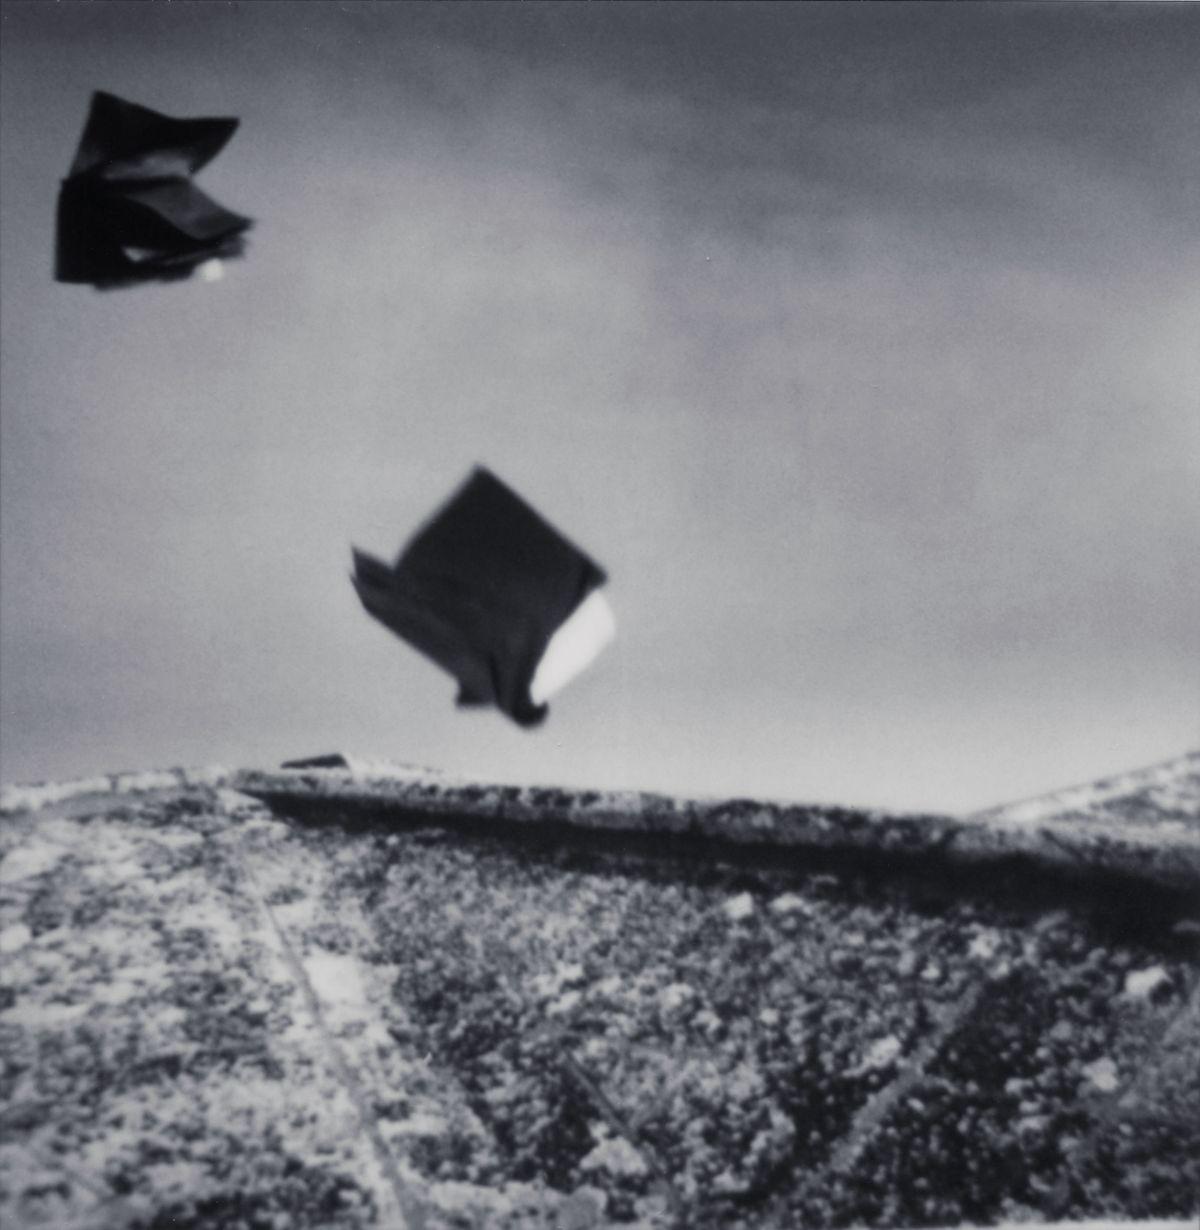 Corinne Mercadier - La Suite d'Arles (série). Église des Frères Prêcheurs IV Arles, 2003. Tirage sur papier baryté. 101 x 99 cm